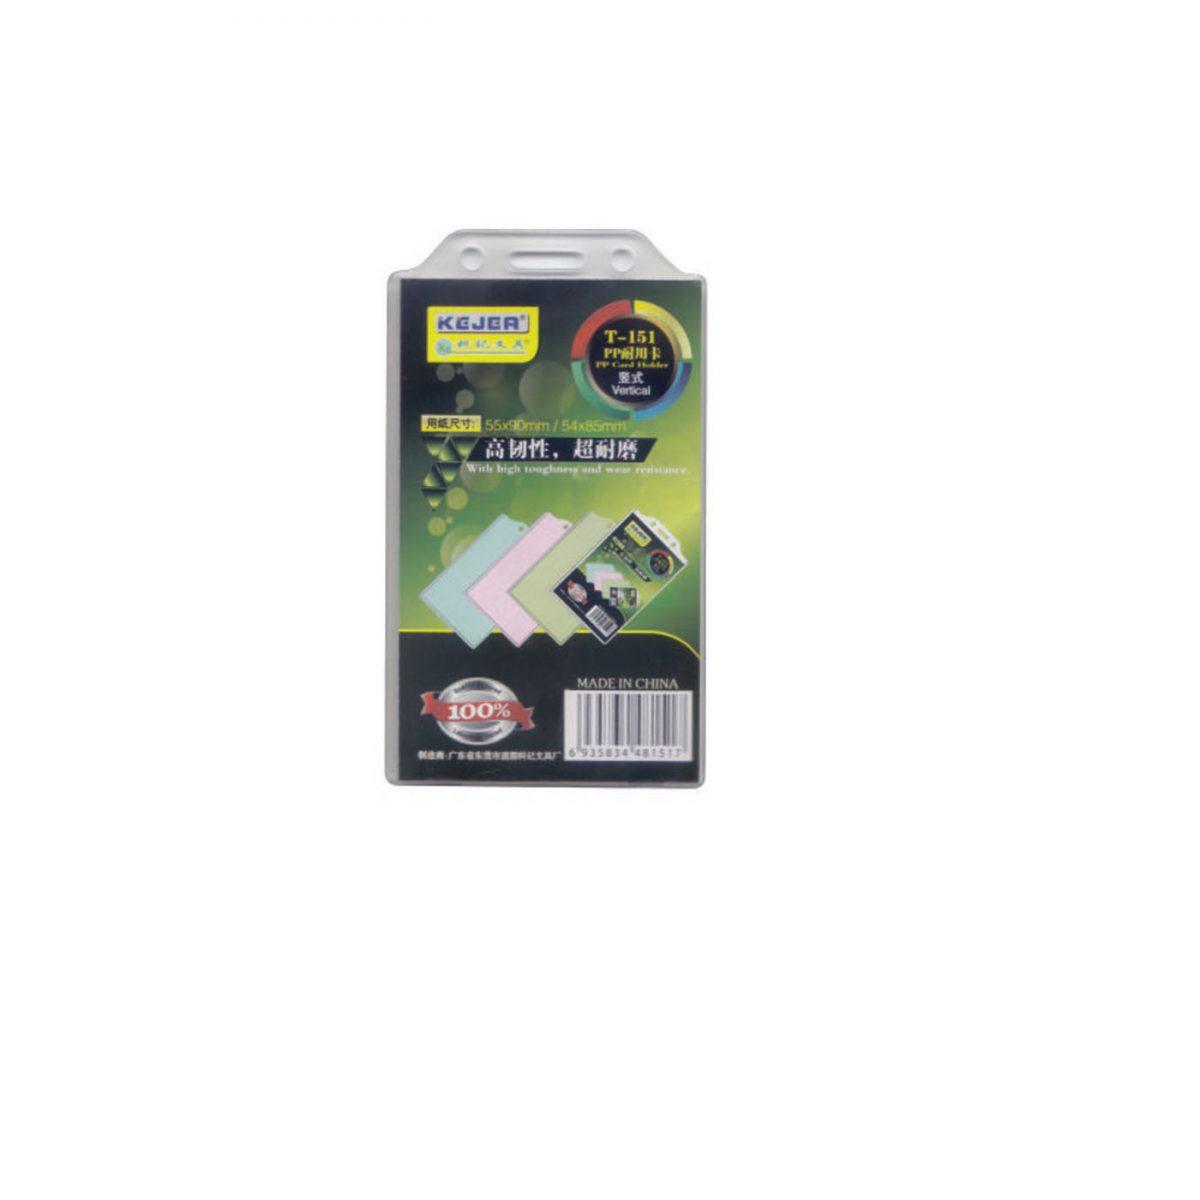 Suport carduri vertical, 55x90 mm KEJEA T-151V, 10 buc/set